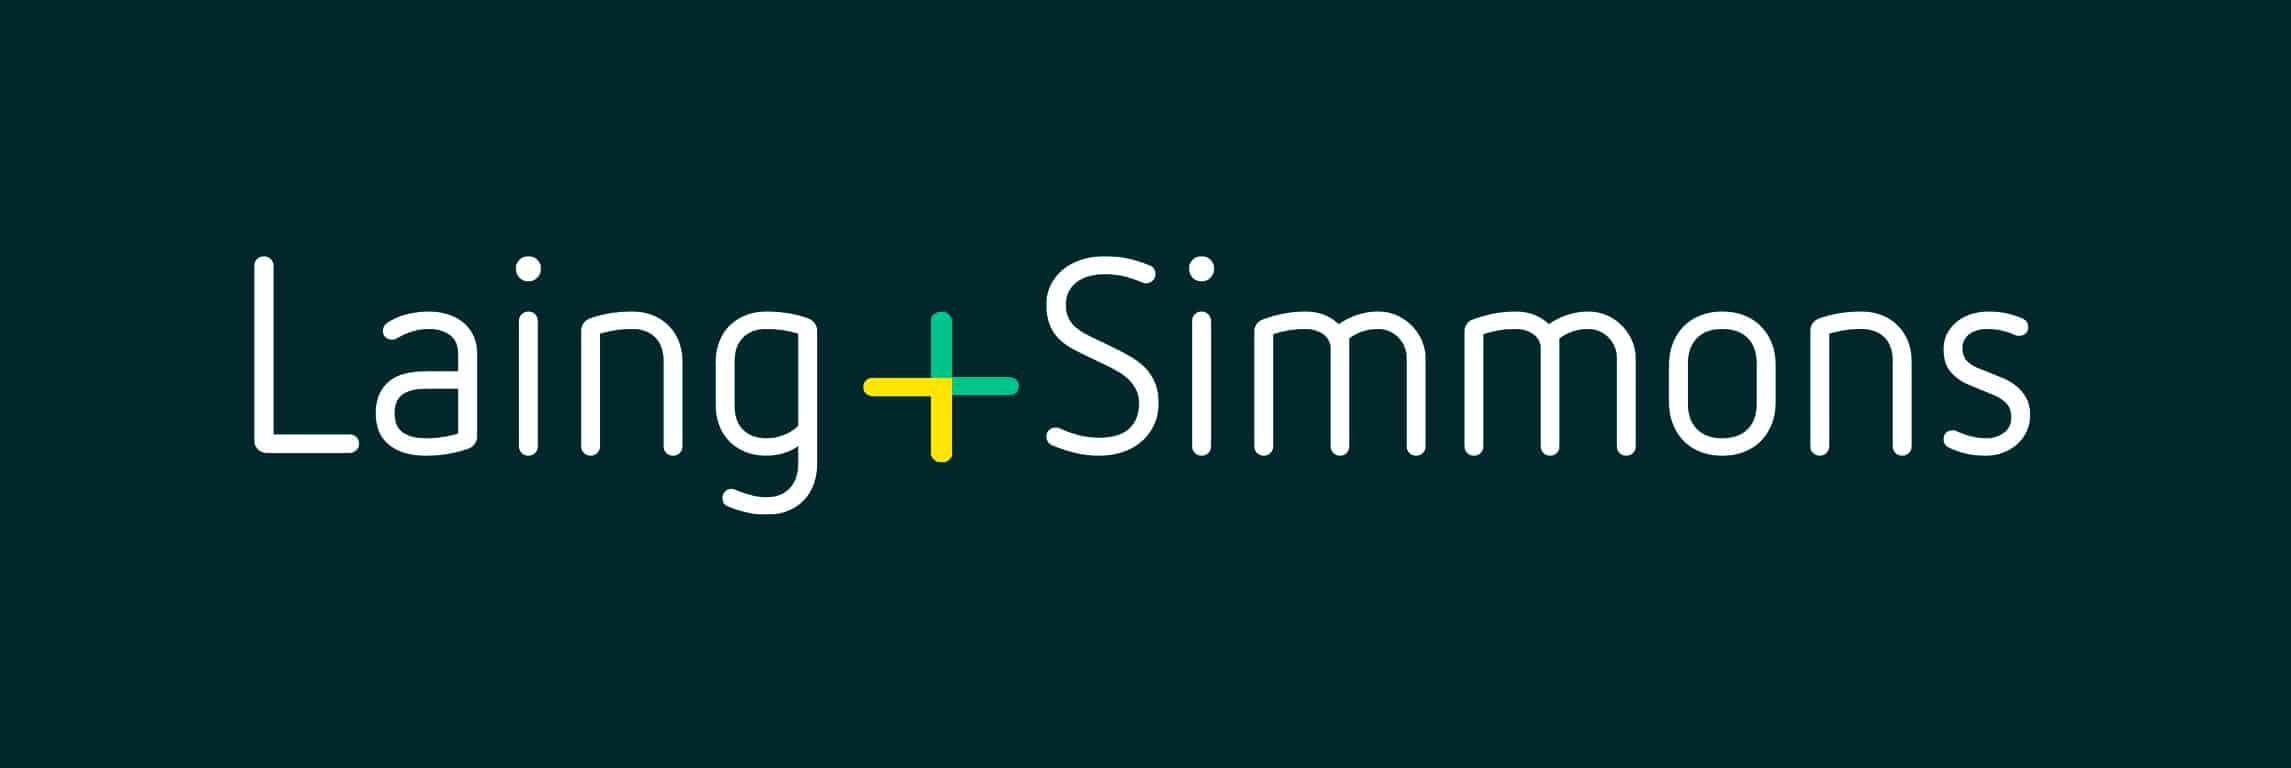 Laing + Simmons logo